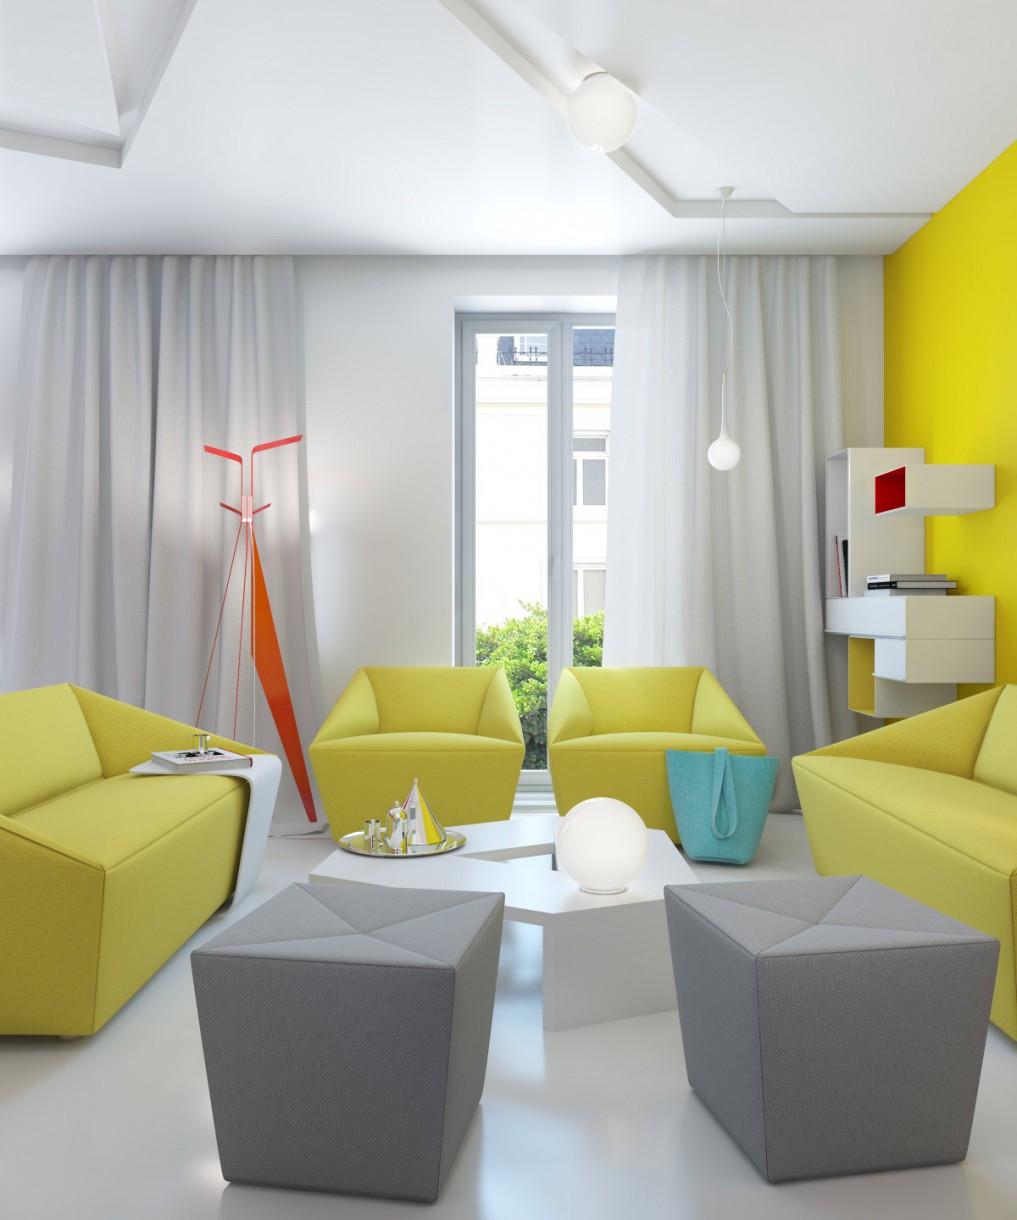 View In Gallery Langsir Ruang Tamu Moden Minimalis Sesuai Untuk Putih Yang Menyerlahkan Aura Mewah